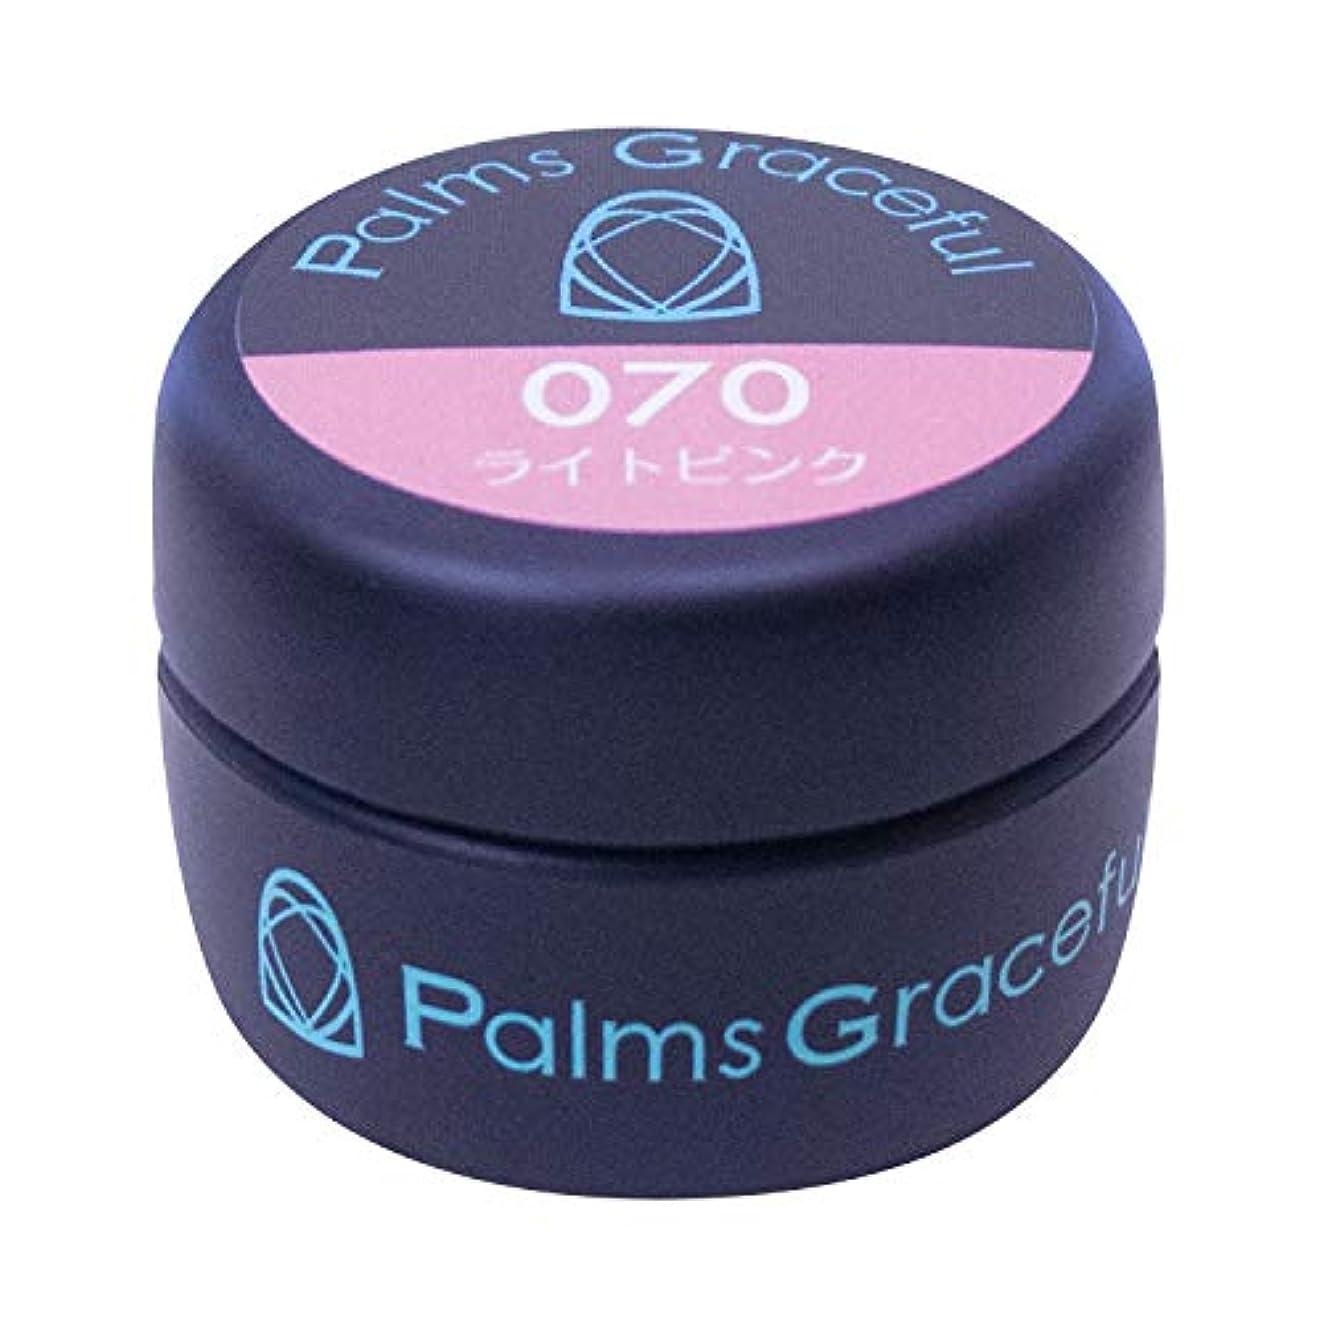 より平らな保存する結び目Palms Graceful カラージェル 3g 070 ライトピンク